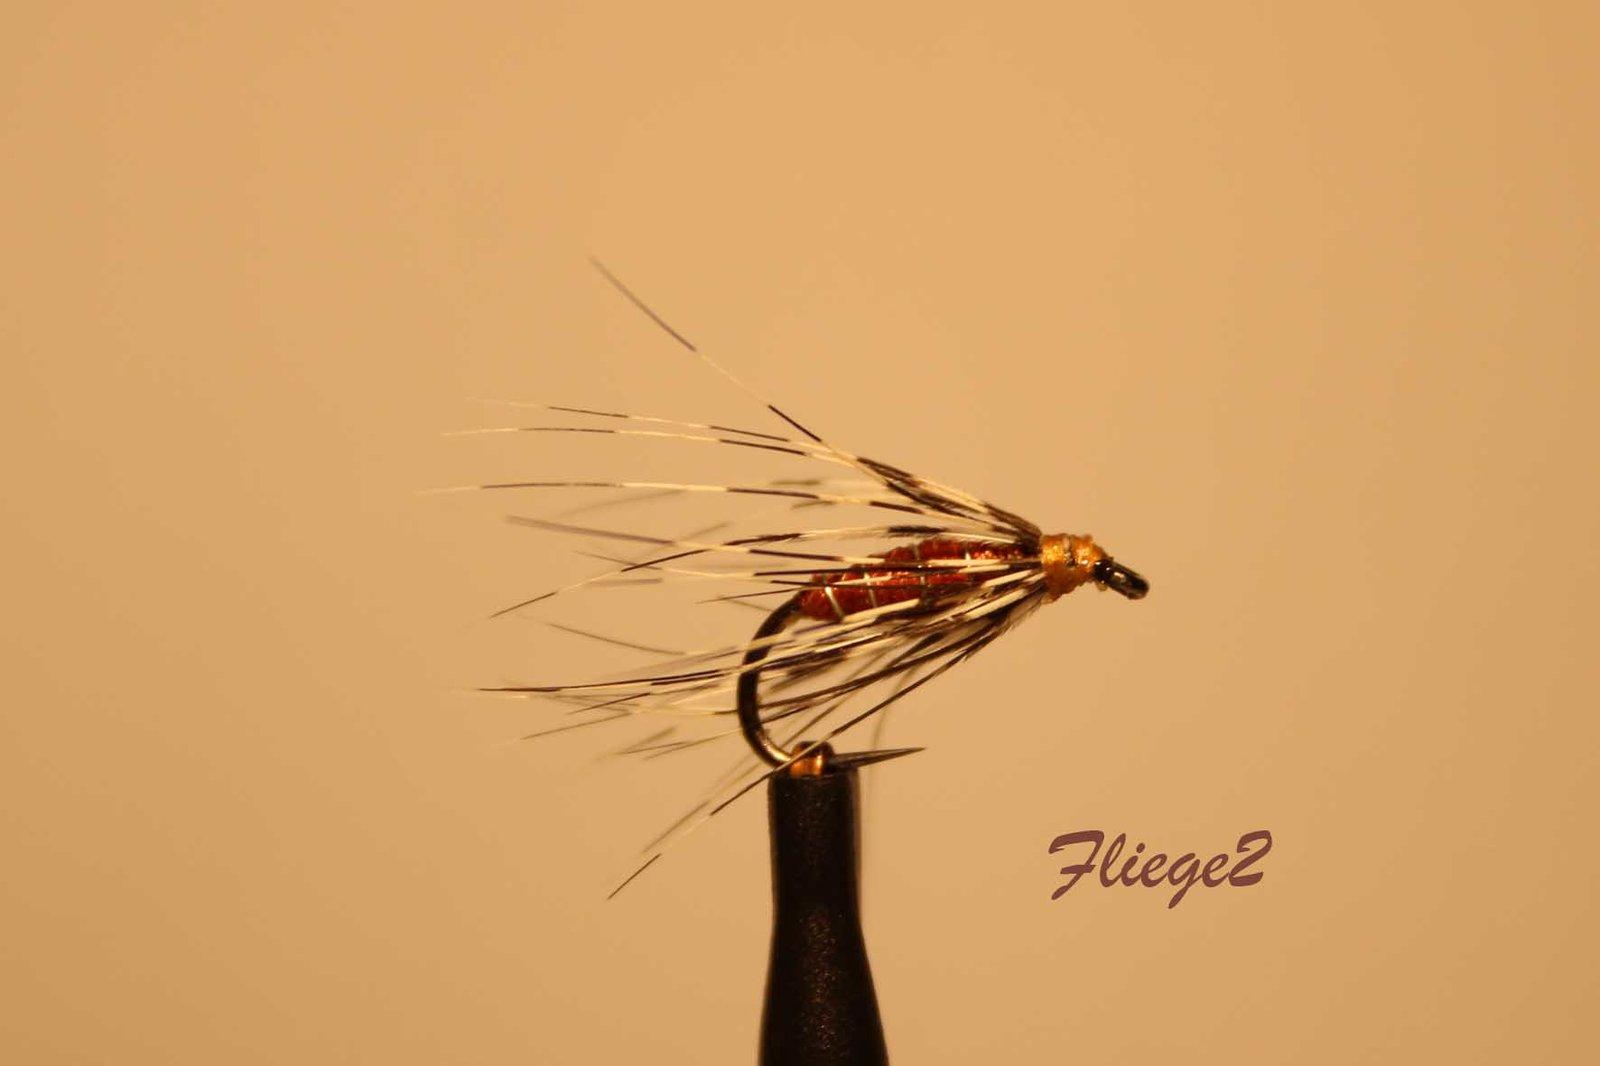 Fliege2_IMG_1767.jpg